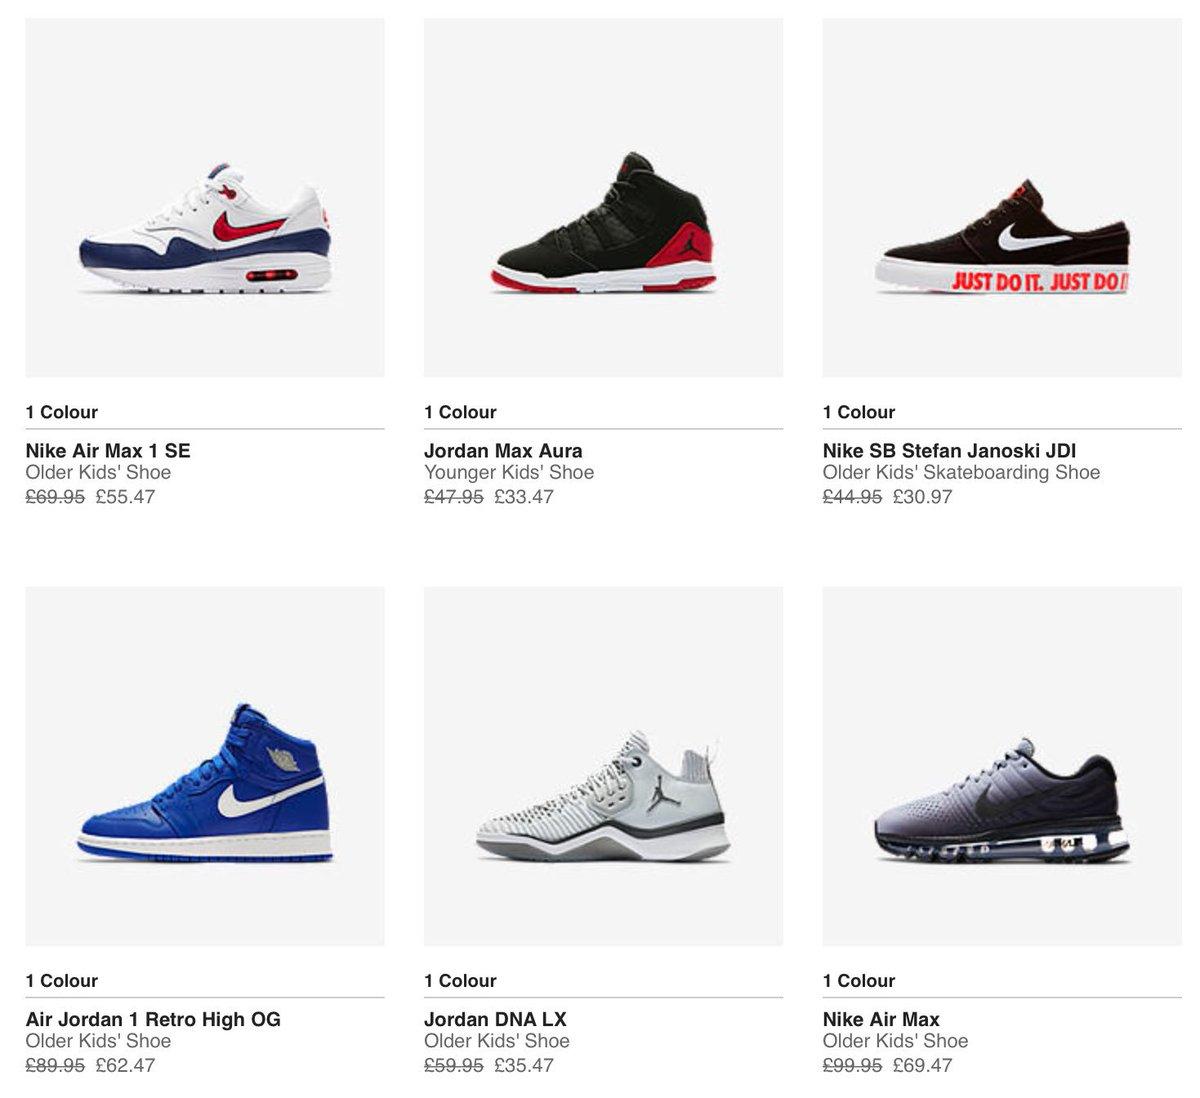 64a3ee475c2 Sneaker Deals GB on Twitter: